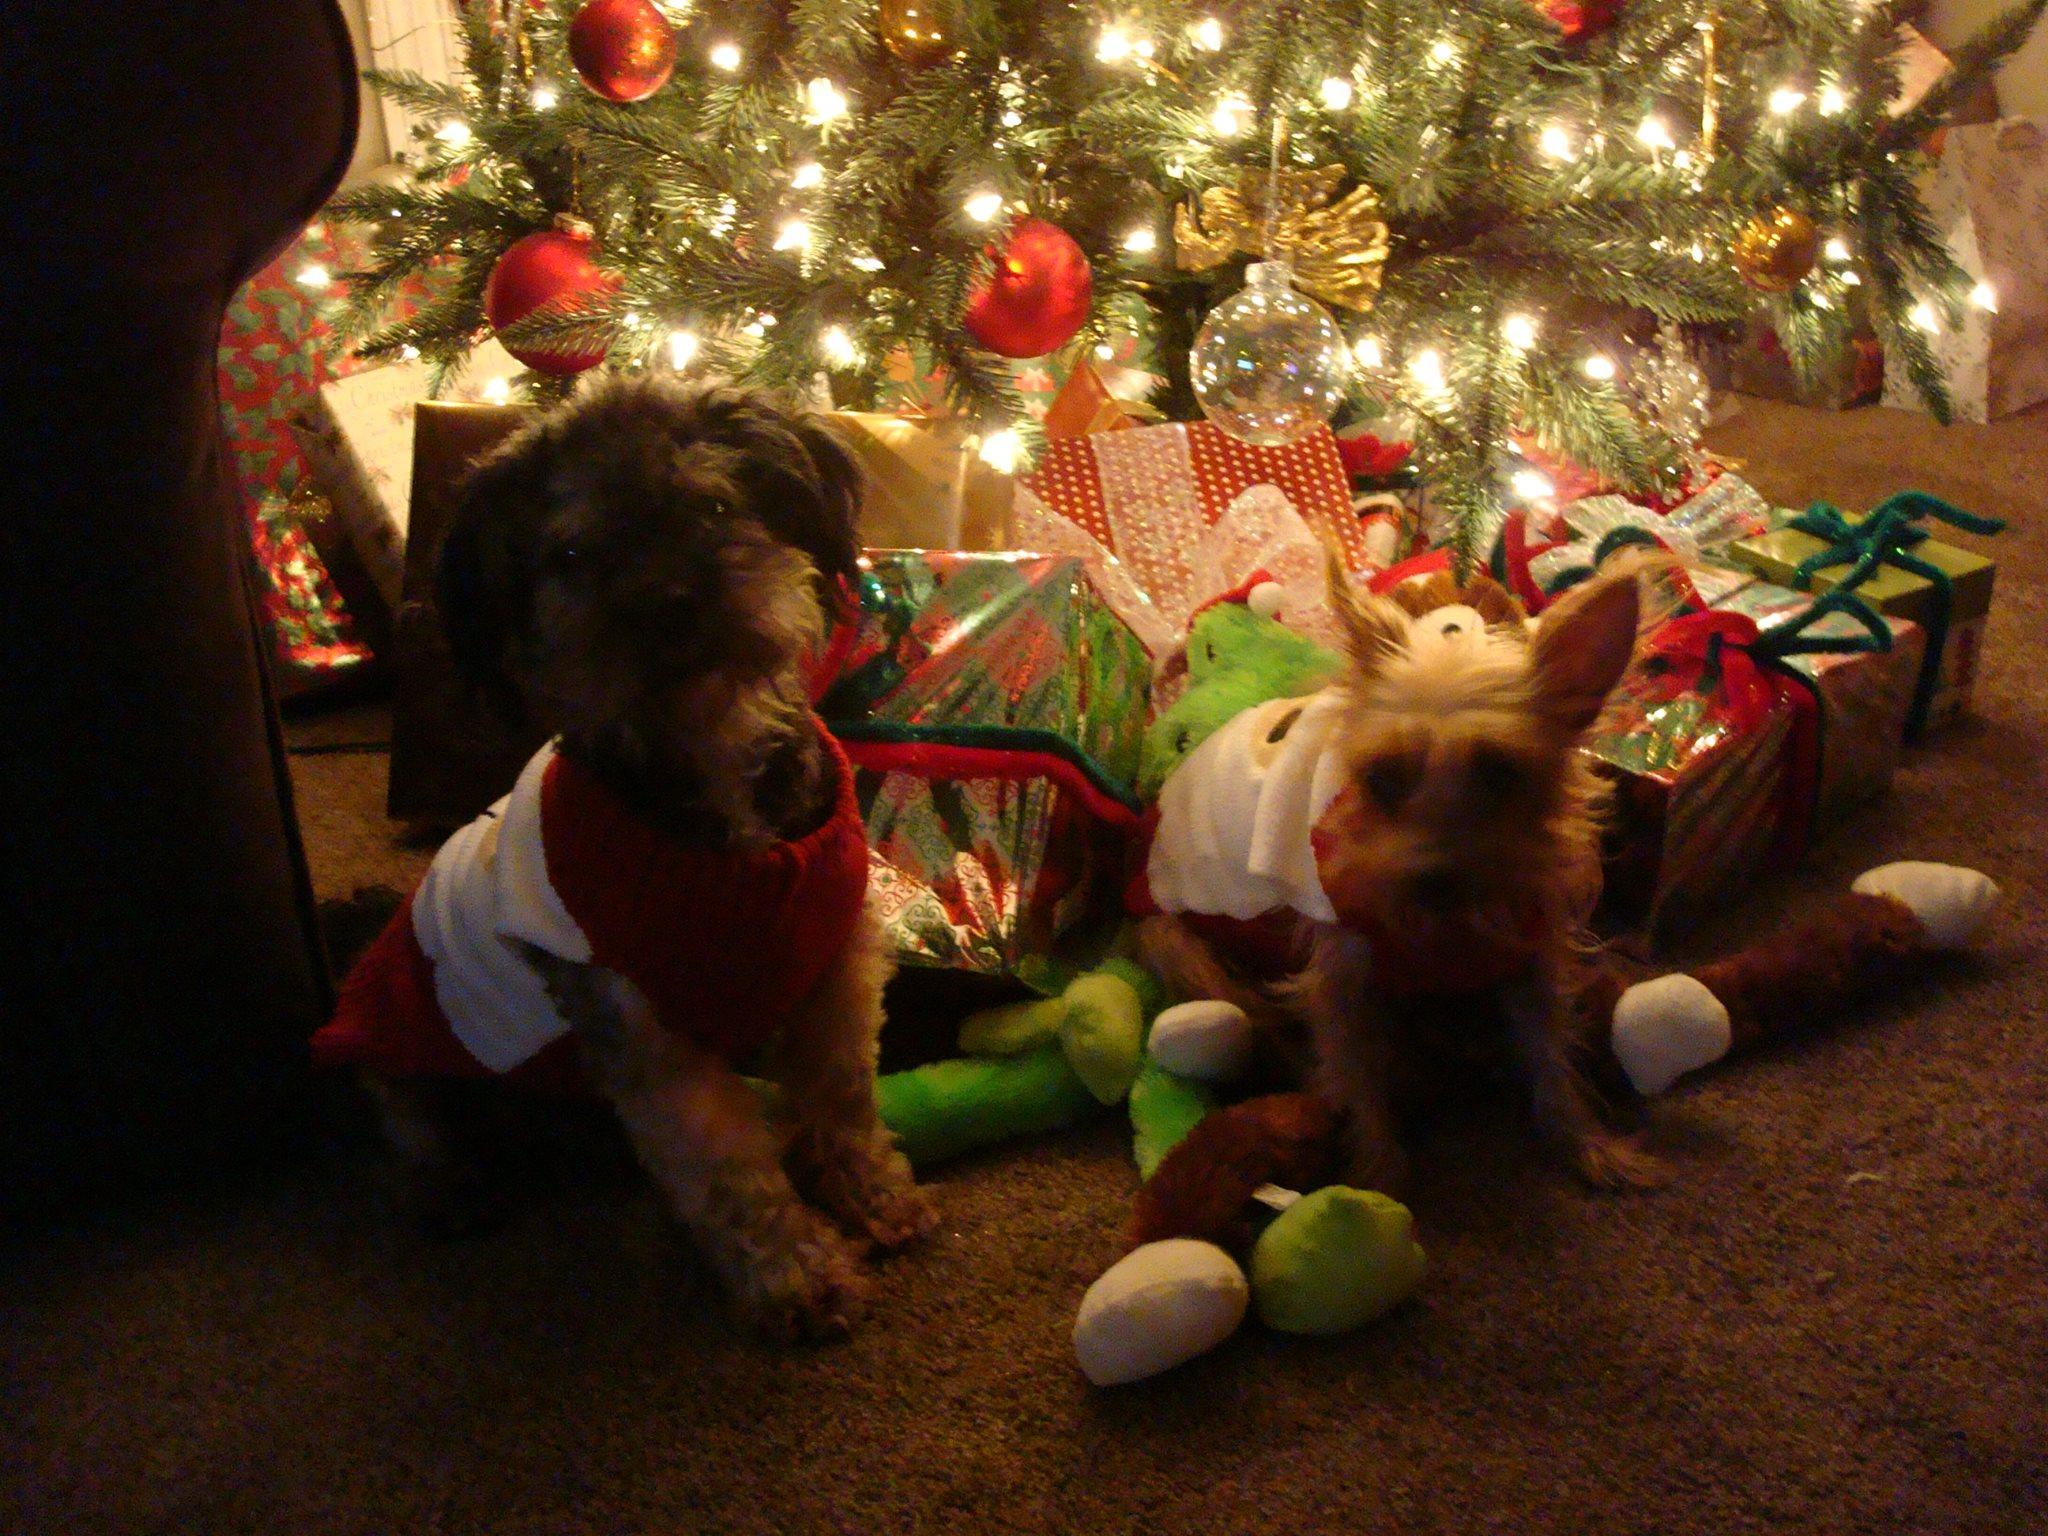 Tucker (Yorkie) and Nip (Peekapoo) belong to Sharon